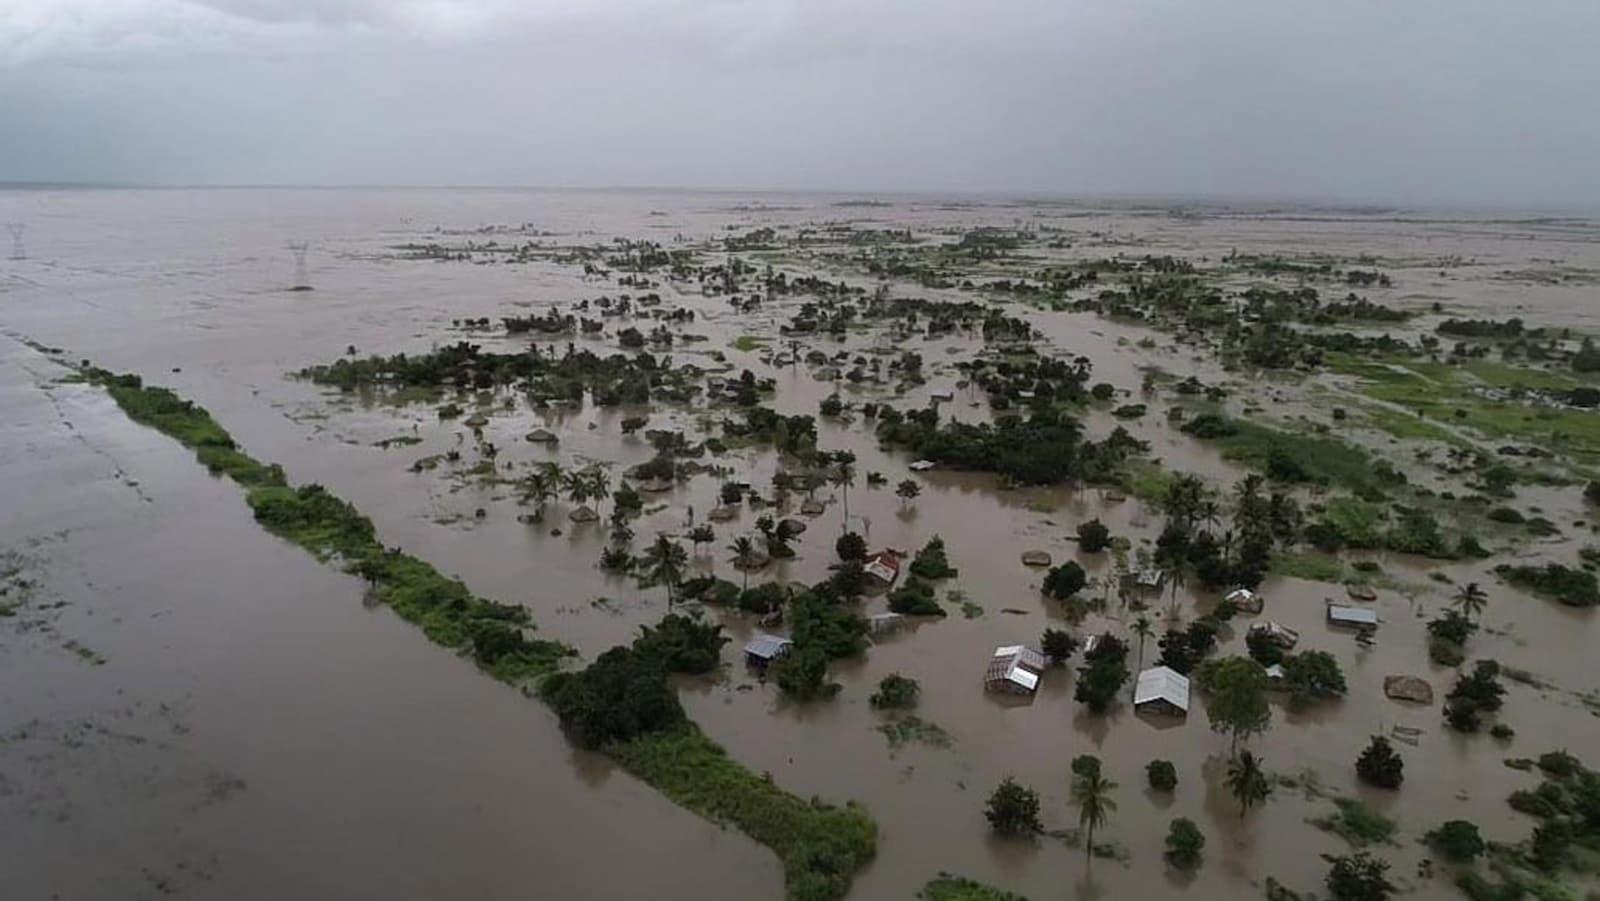 Vue aérienne de terres inondées au Mozambique.